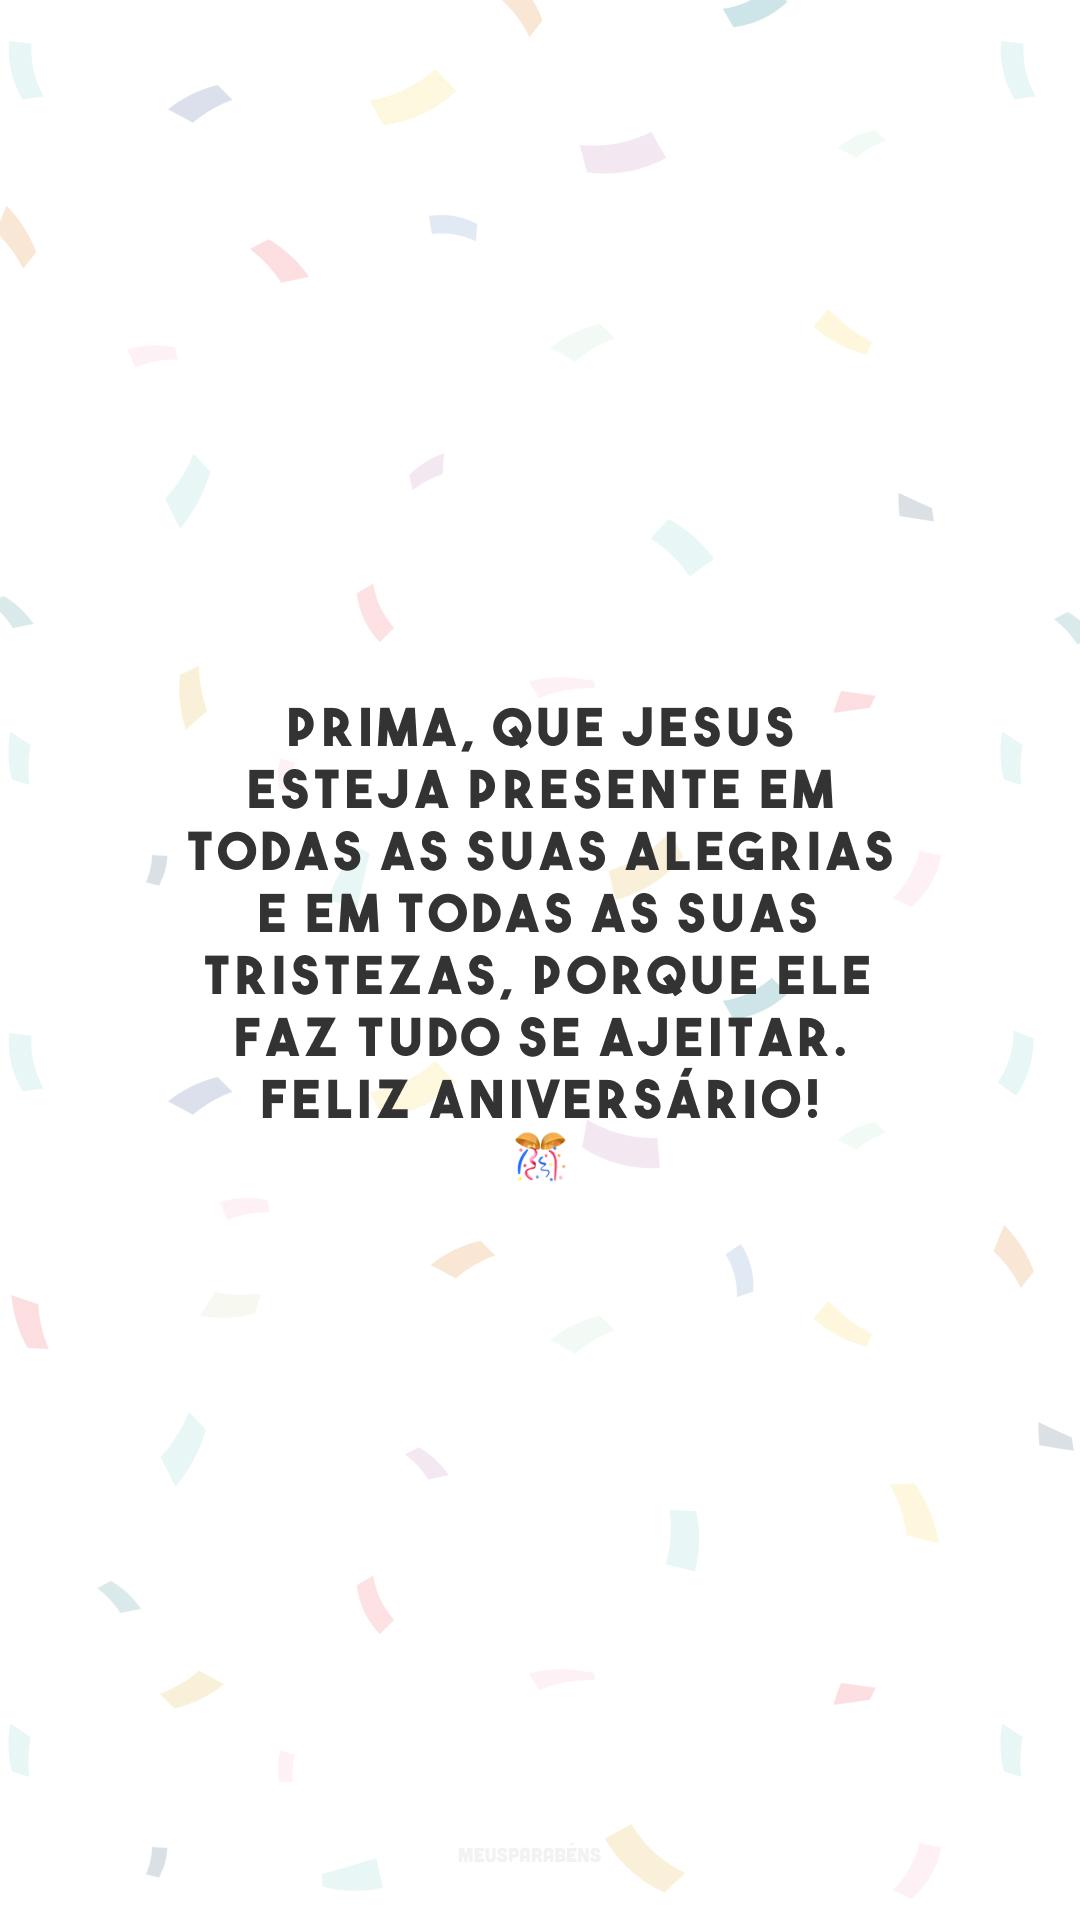 Prima, que Jesus esteja presente em todas as suas alegrias e em todas as suas tristezas, porque Ele faz tudo se ajeitar. Feliz aniversário! 🎊